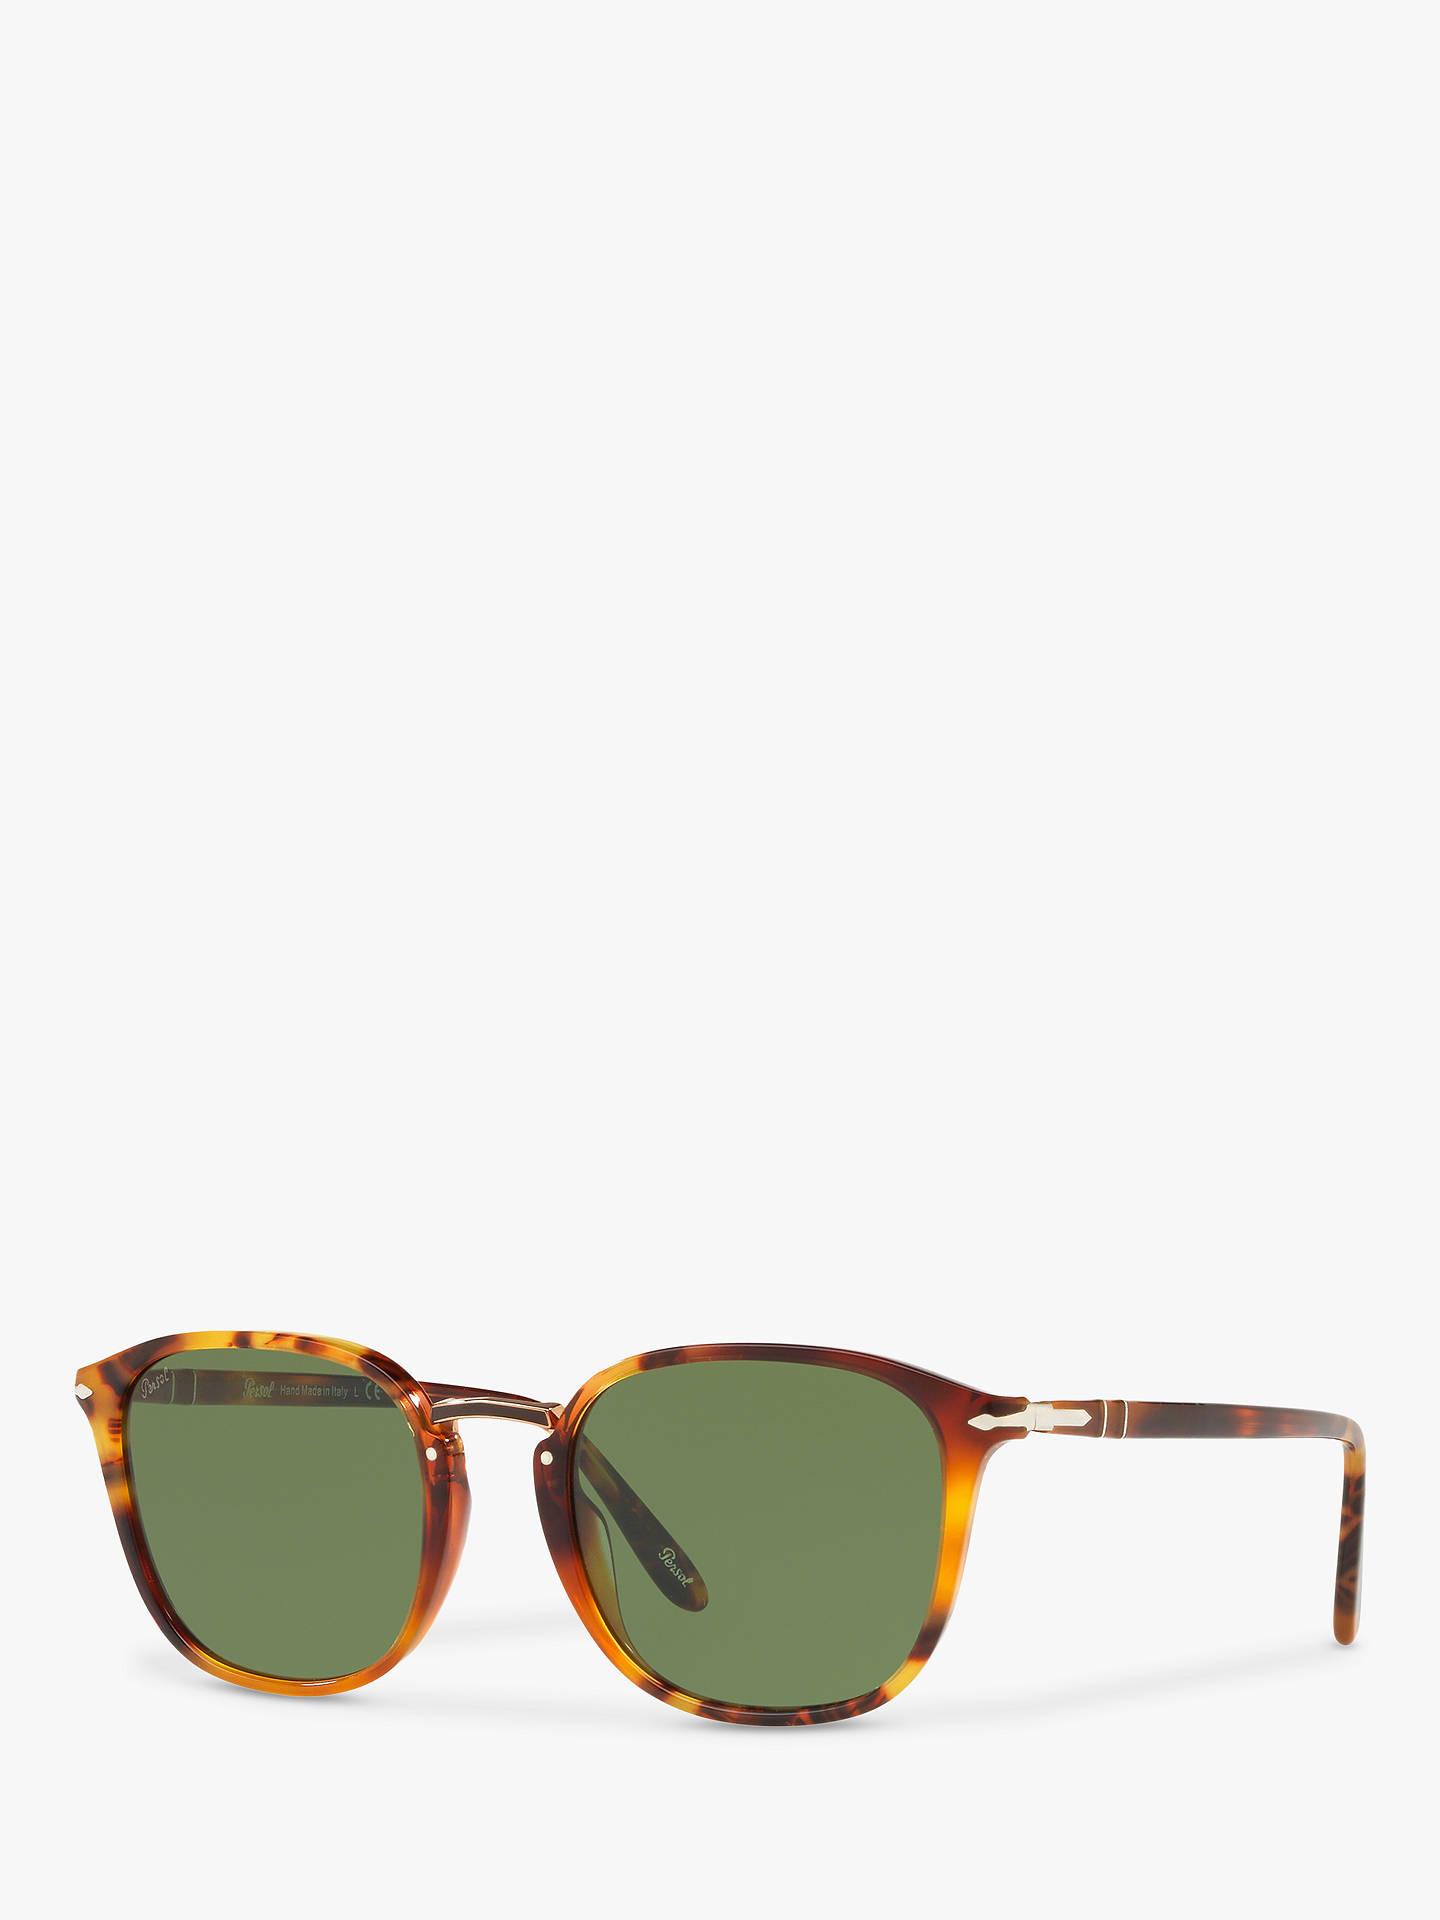 e7da26999ecf7 Buy Persol PO3186S Men s Square Sunglasses